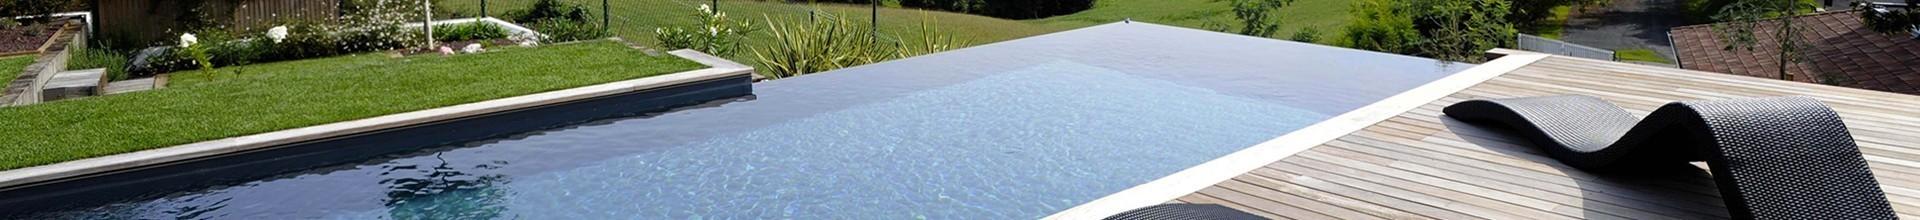 Ariège Occitanie nettoyage d'une piscine en béton, robuste, durable